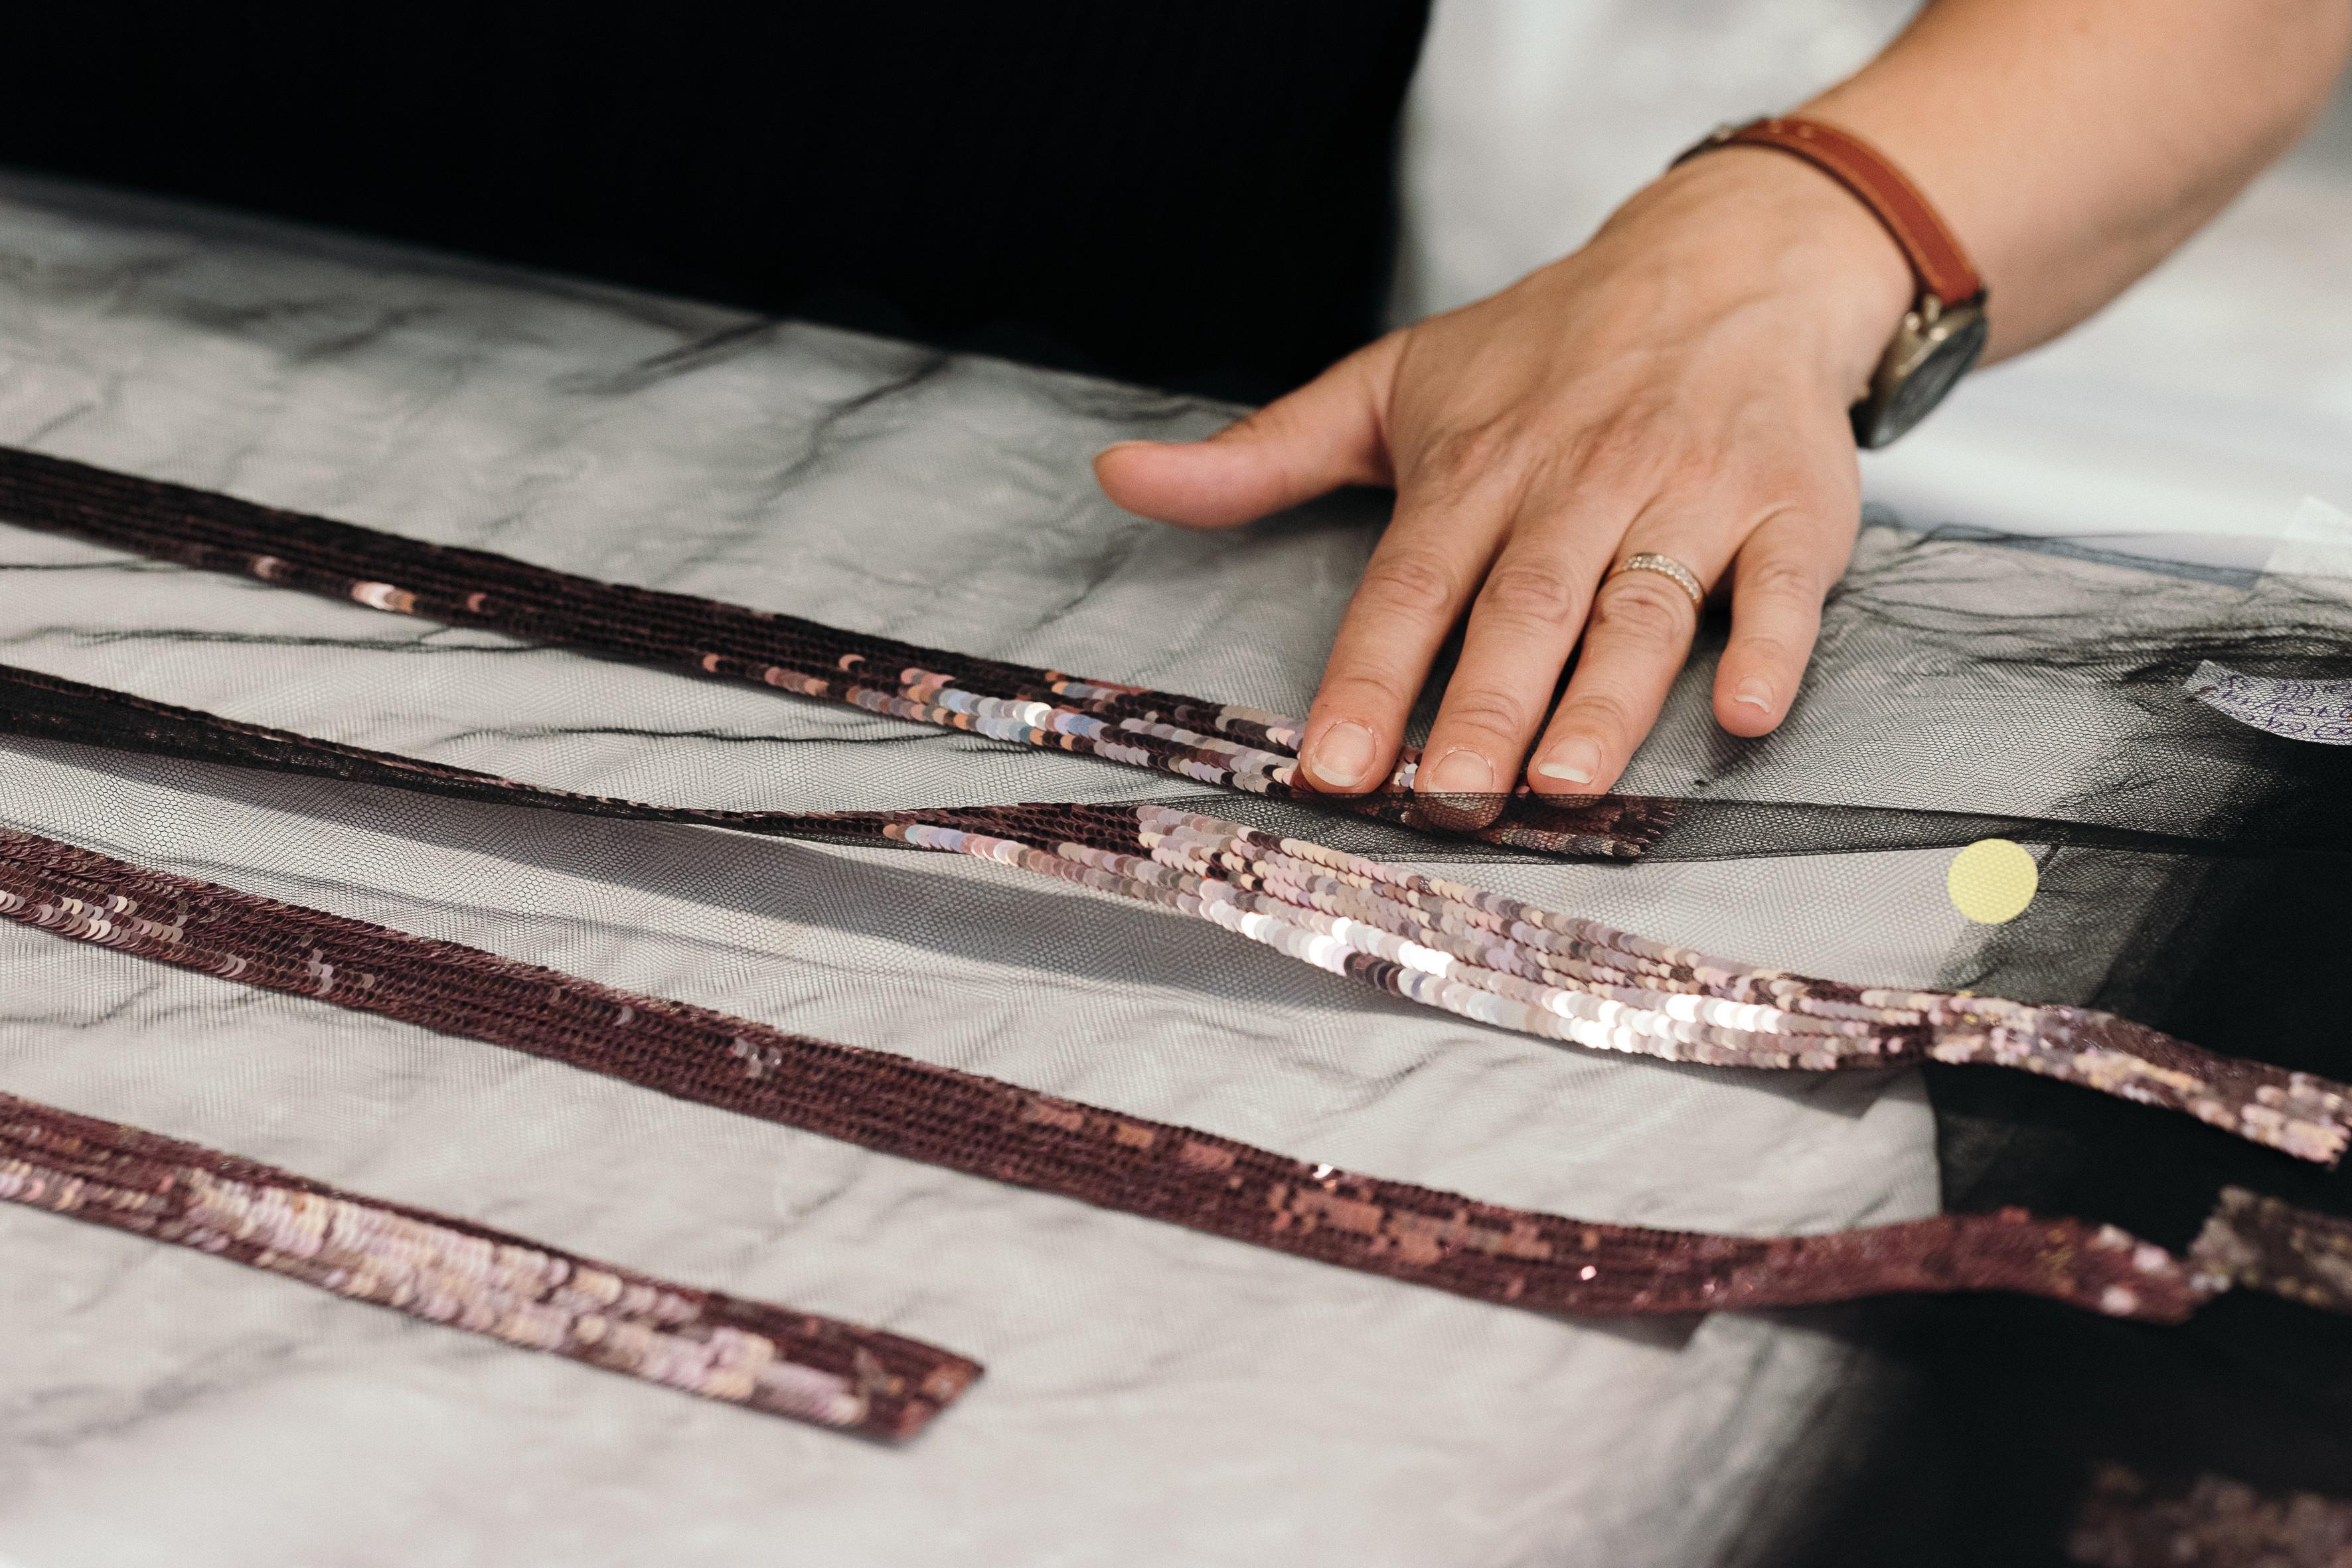 Bordados do ateliê Montex, que entrou para Paraffection em 2011 (Foto: Divulgação)